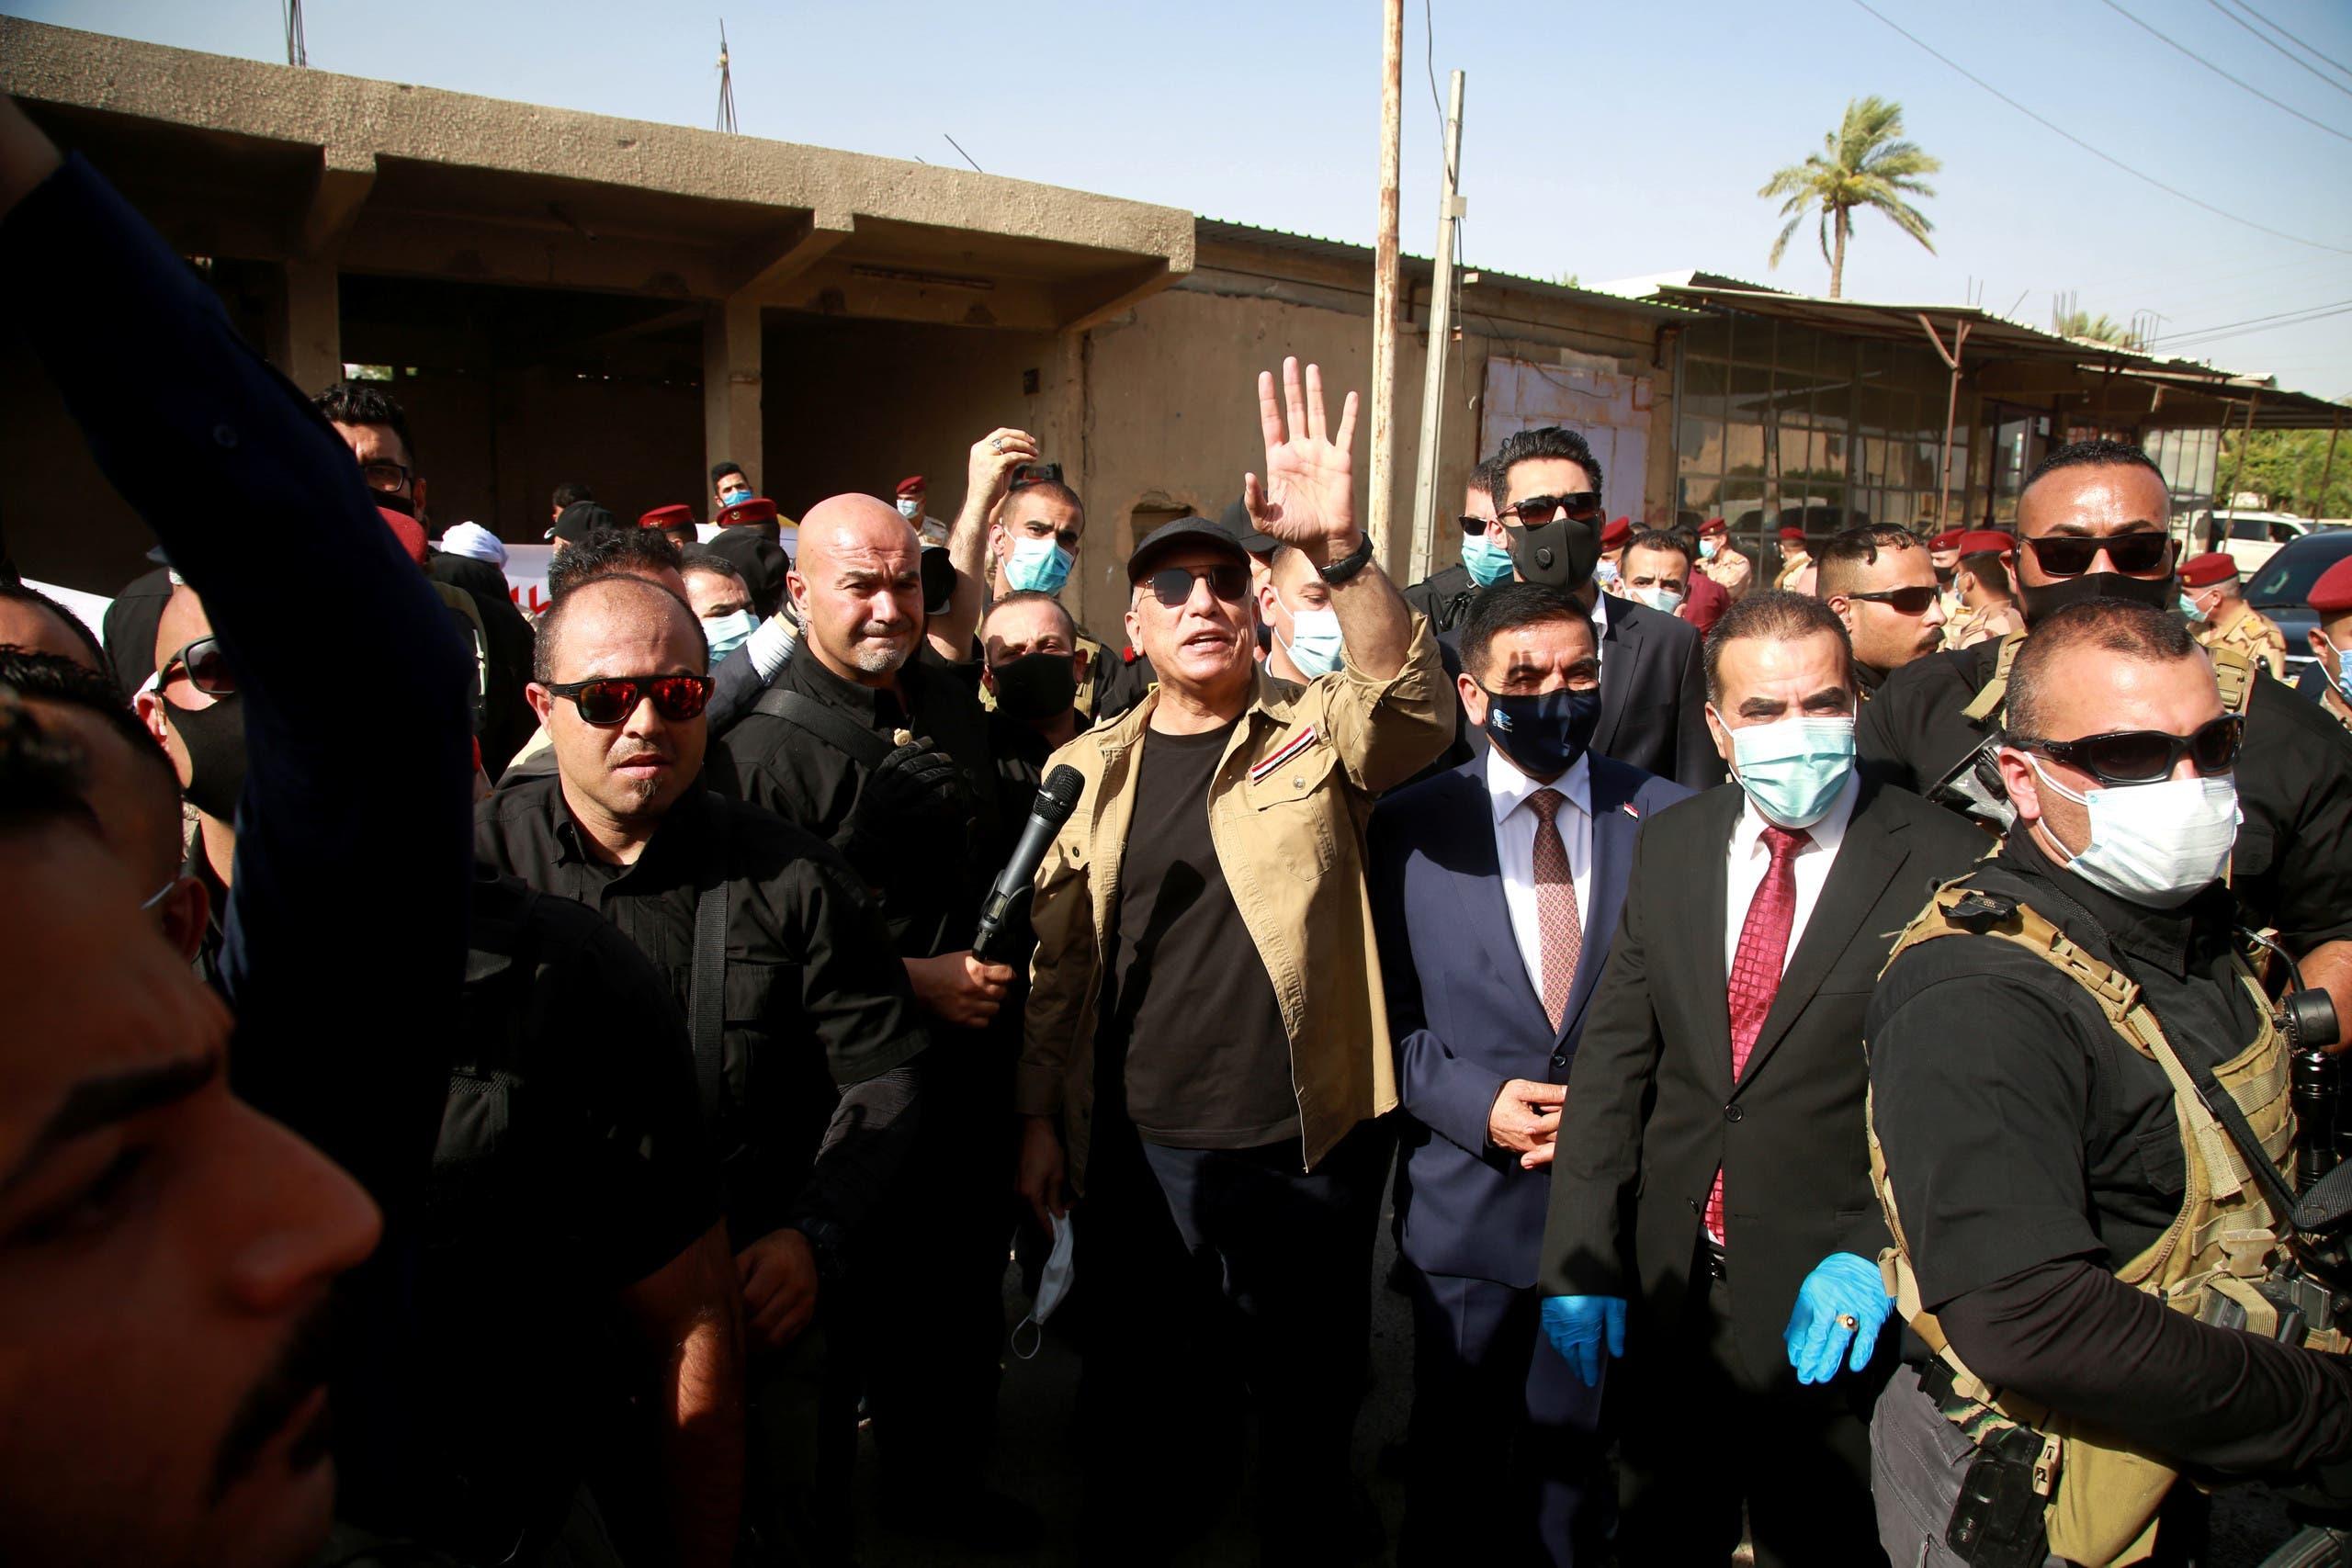 الكاظمي يزور منطقة الطارمية إثر الحادثة وما تلاها من تصريحات